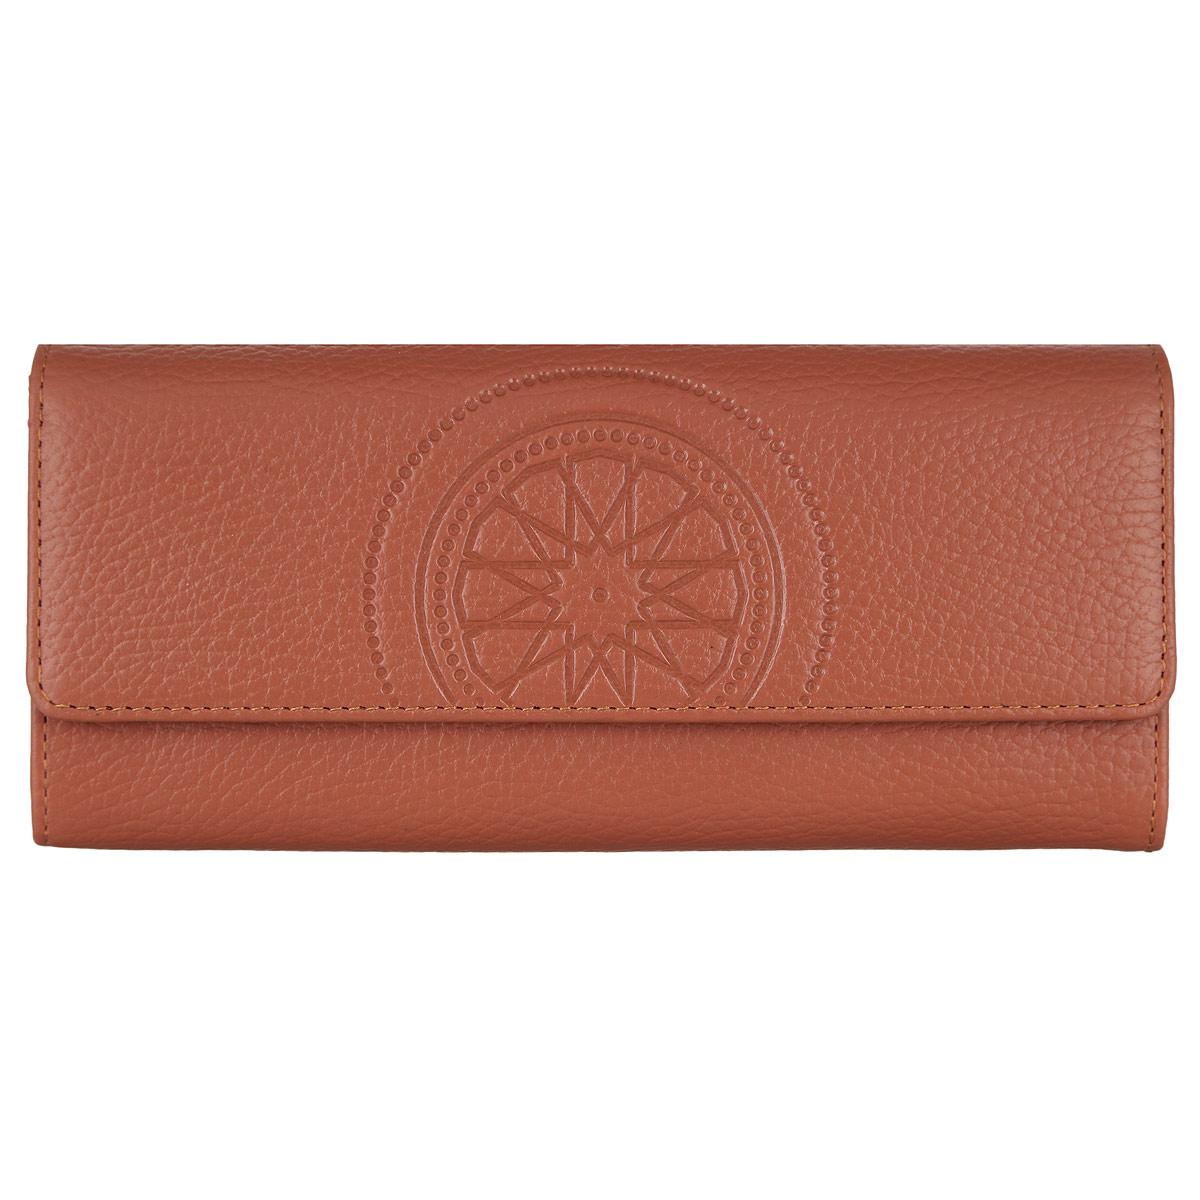 Кошелек женский Fabula Talisman, цвет: рыжий. PJ.97.SNADYHA03386-WBB0Стильный женский кошелек Fabula Talisman выполнен из натуральной кожи с зернистой текстурой, оформлен декоративным тиснением. Кошелек закрывается на кнопку, внутри расположены: четыре отделения для купюр, двенадцать накладных карманов для пластиковых карт или визиток и карман для монет на молнии. Кошелек оснащен дополнительным блоком для шести визиток, который закрывается на две кнопки. Такой кошелек станет прекрасным и стильным подарком человеку, любящему оригинальные и практичные вещи.